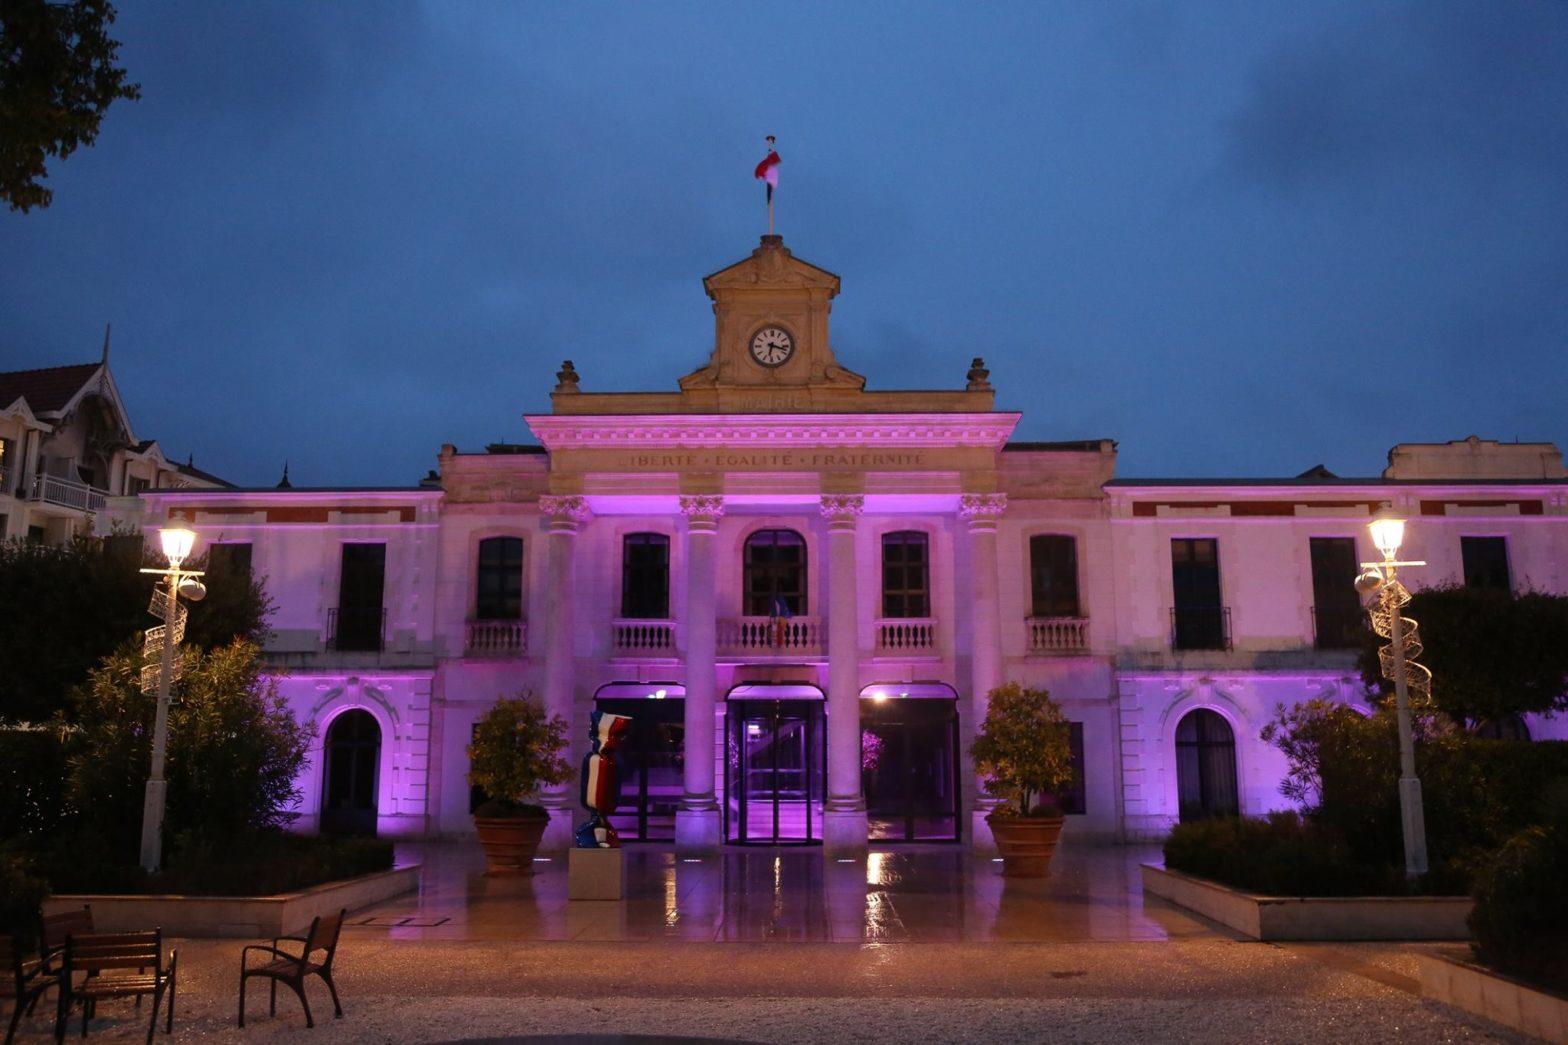 mairie arcachon francia france ayuntamiento fachada edificio